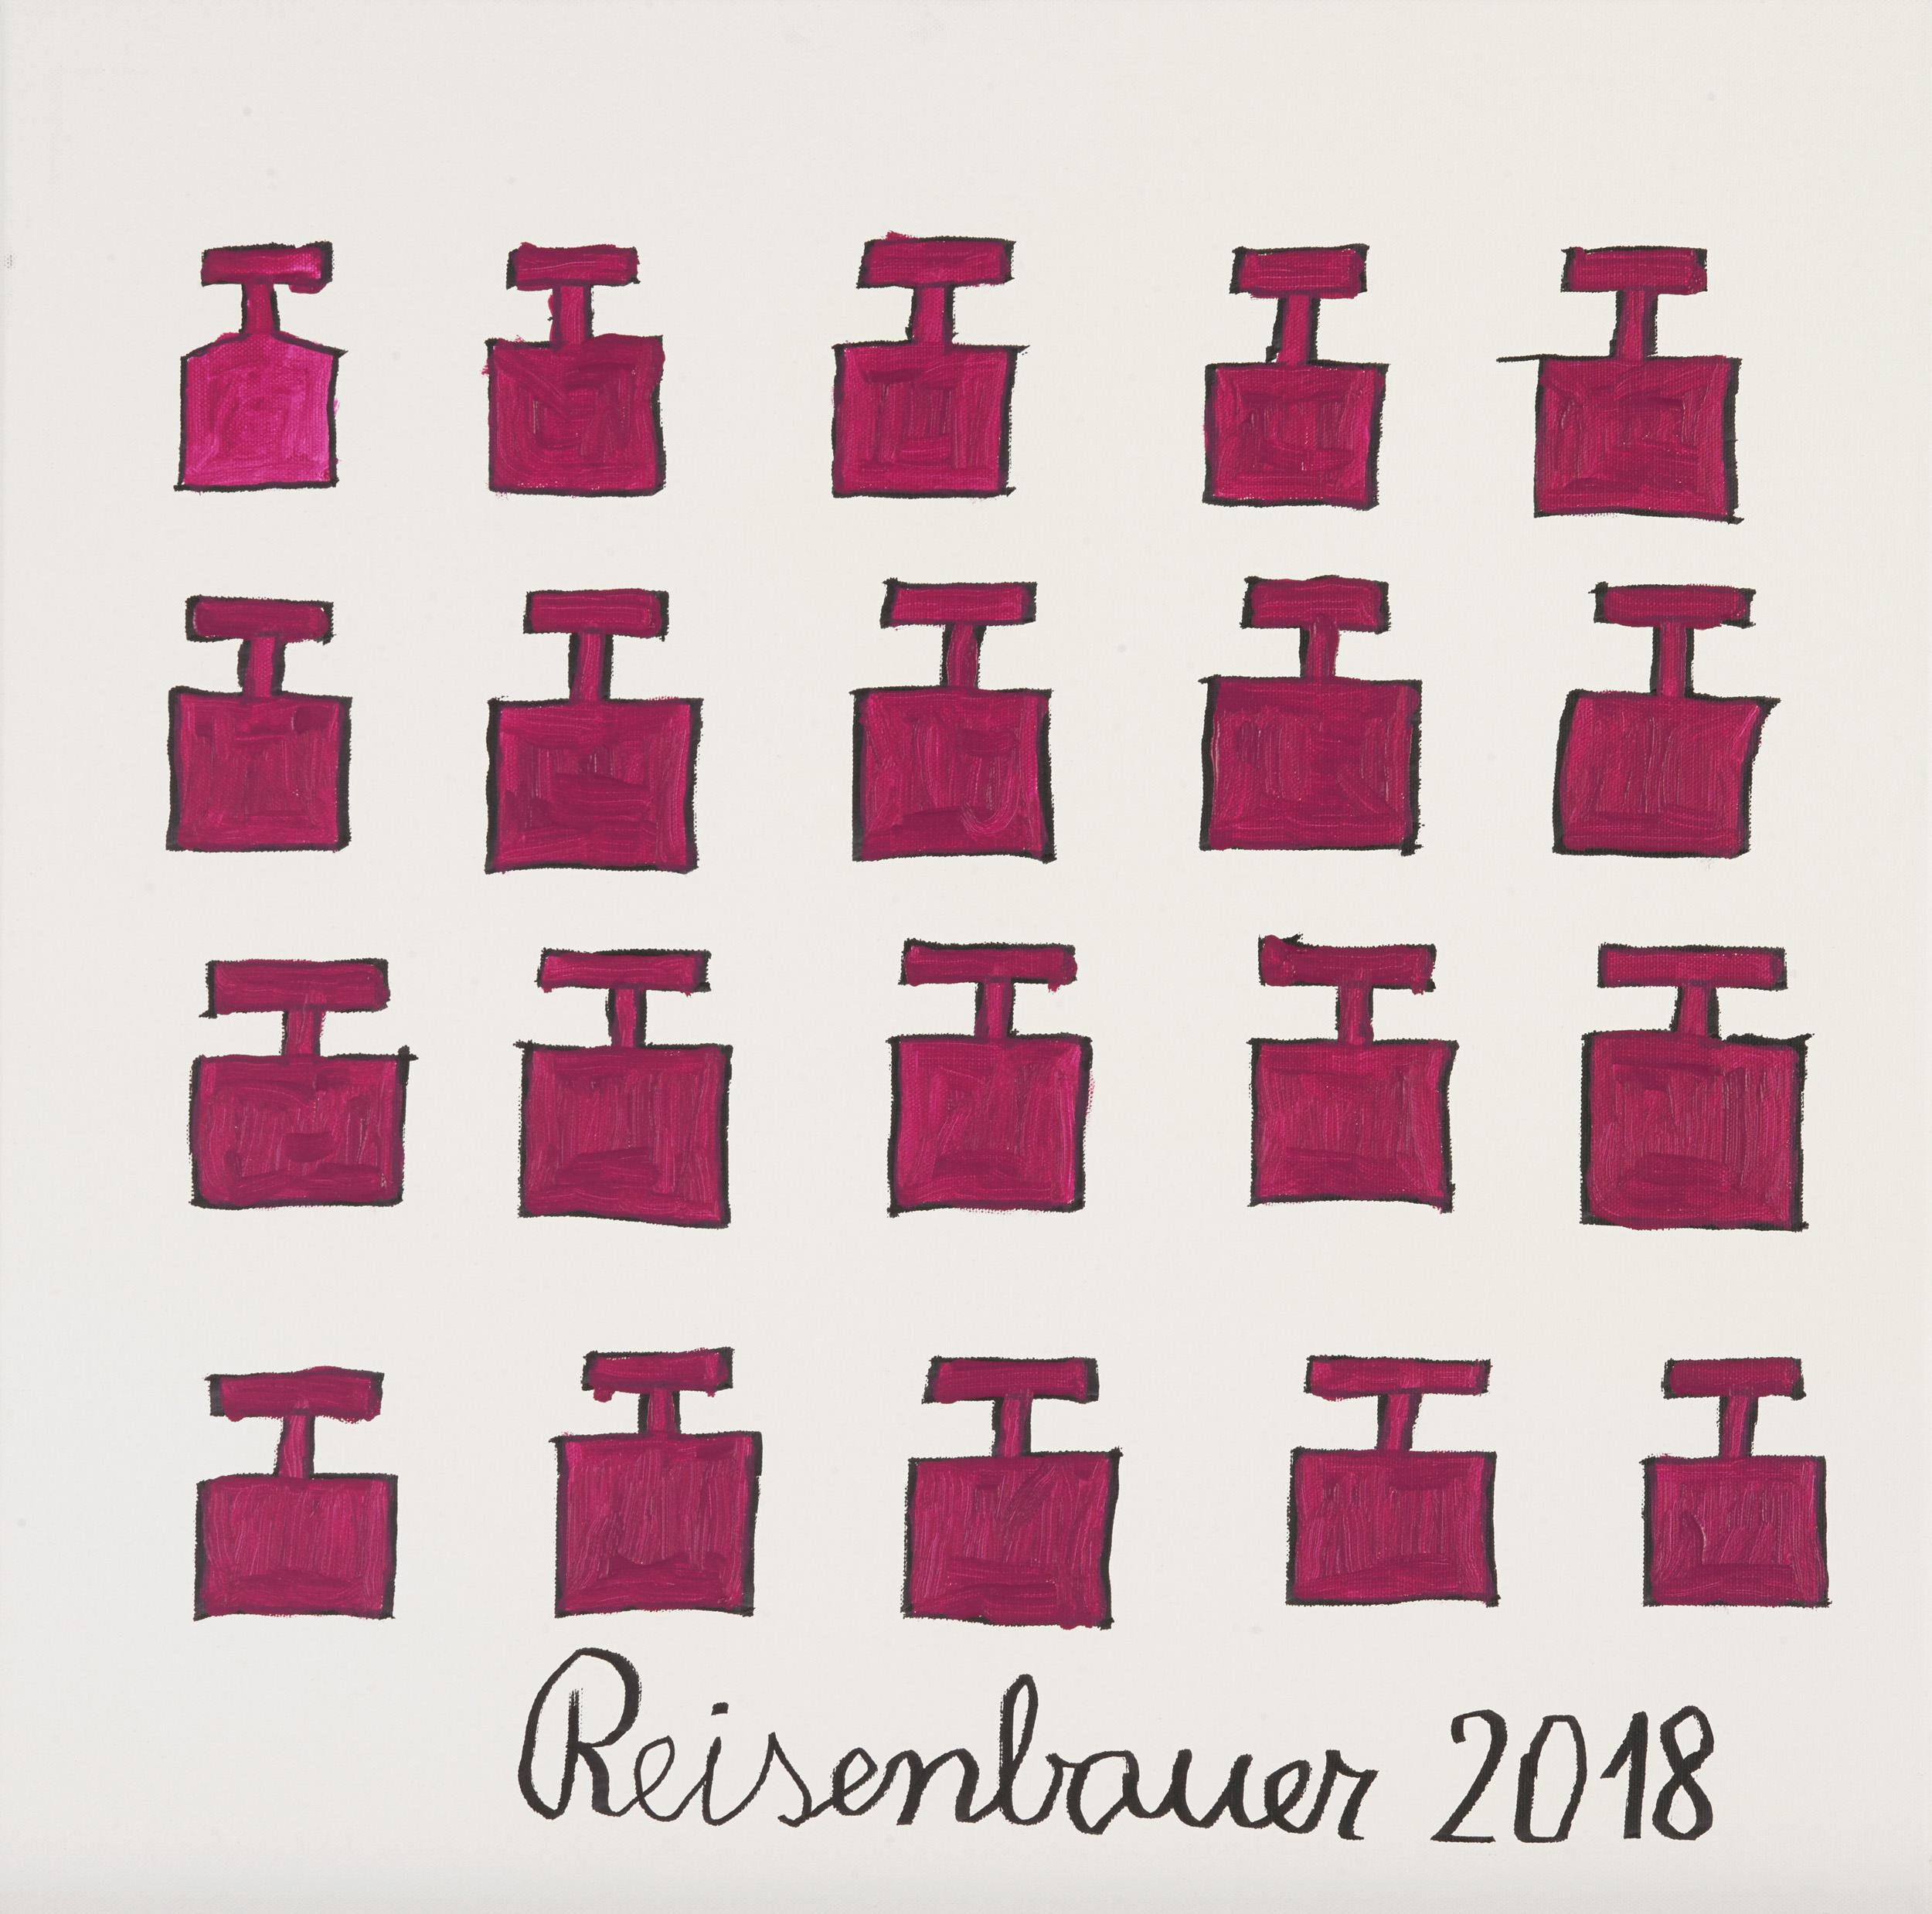 reisenbauer heinrich - Parfümflaschen / Perfume bottles